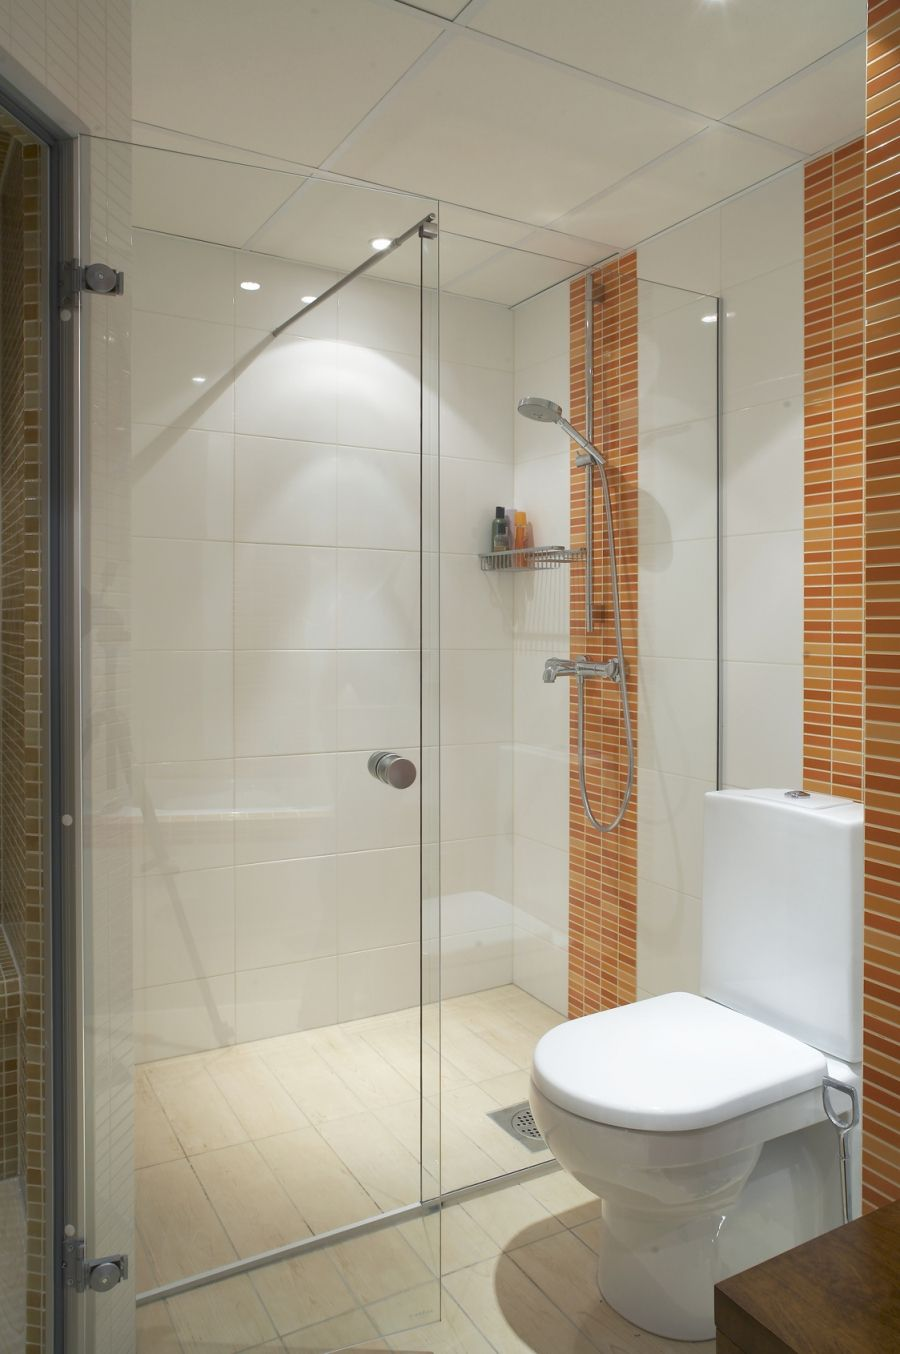 duschkabine wird von alleine sauber haushalt pinterest duschkabine bad und badezimmer. Black Bedroom Furniture Sets. Home Design Ideas